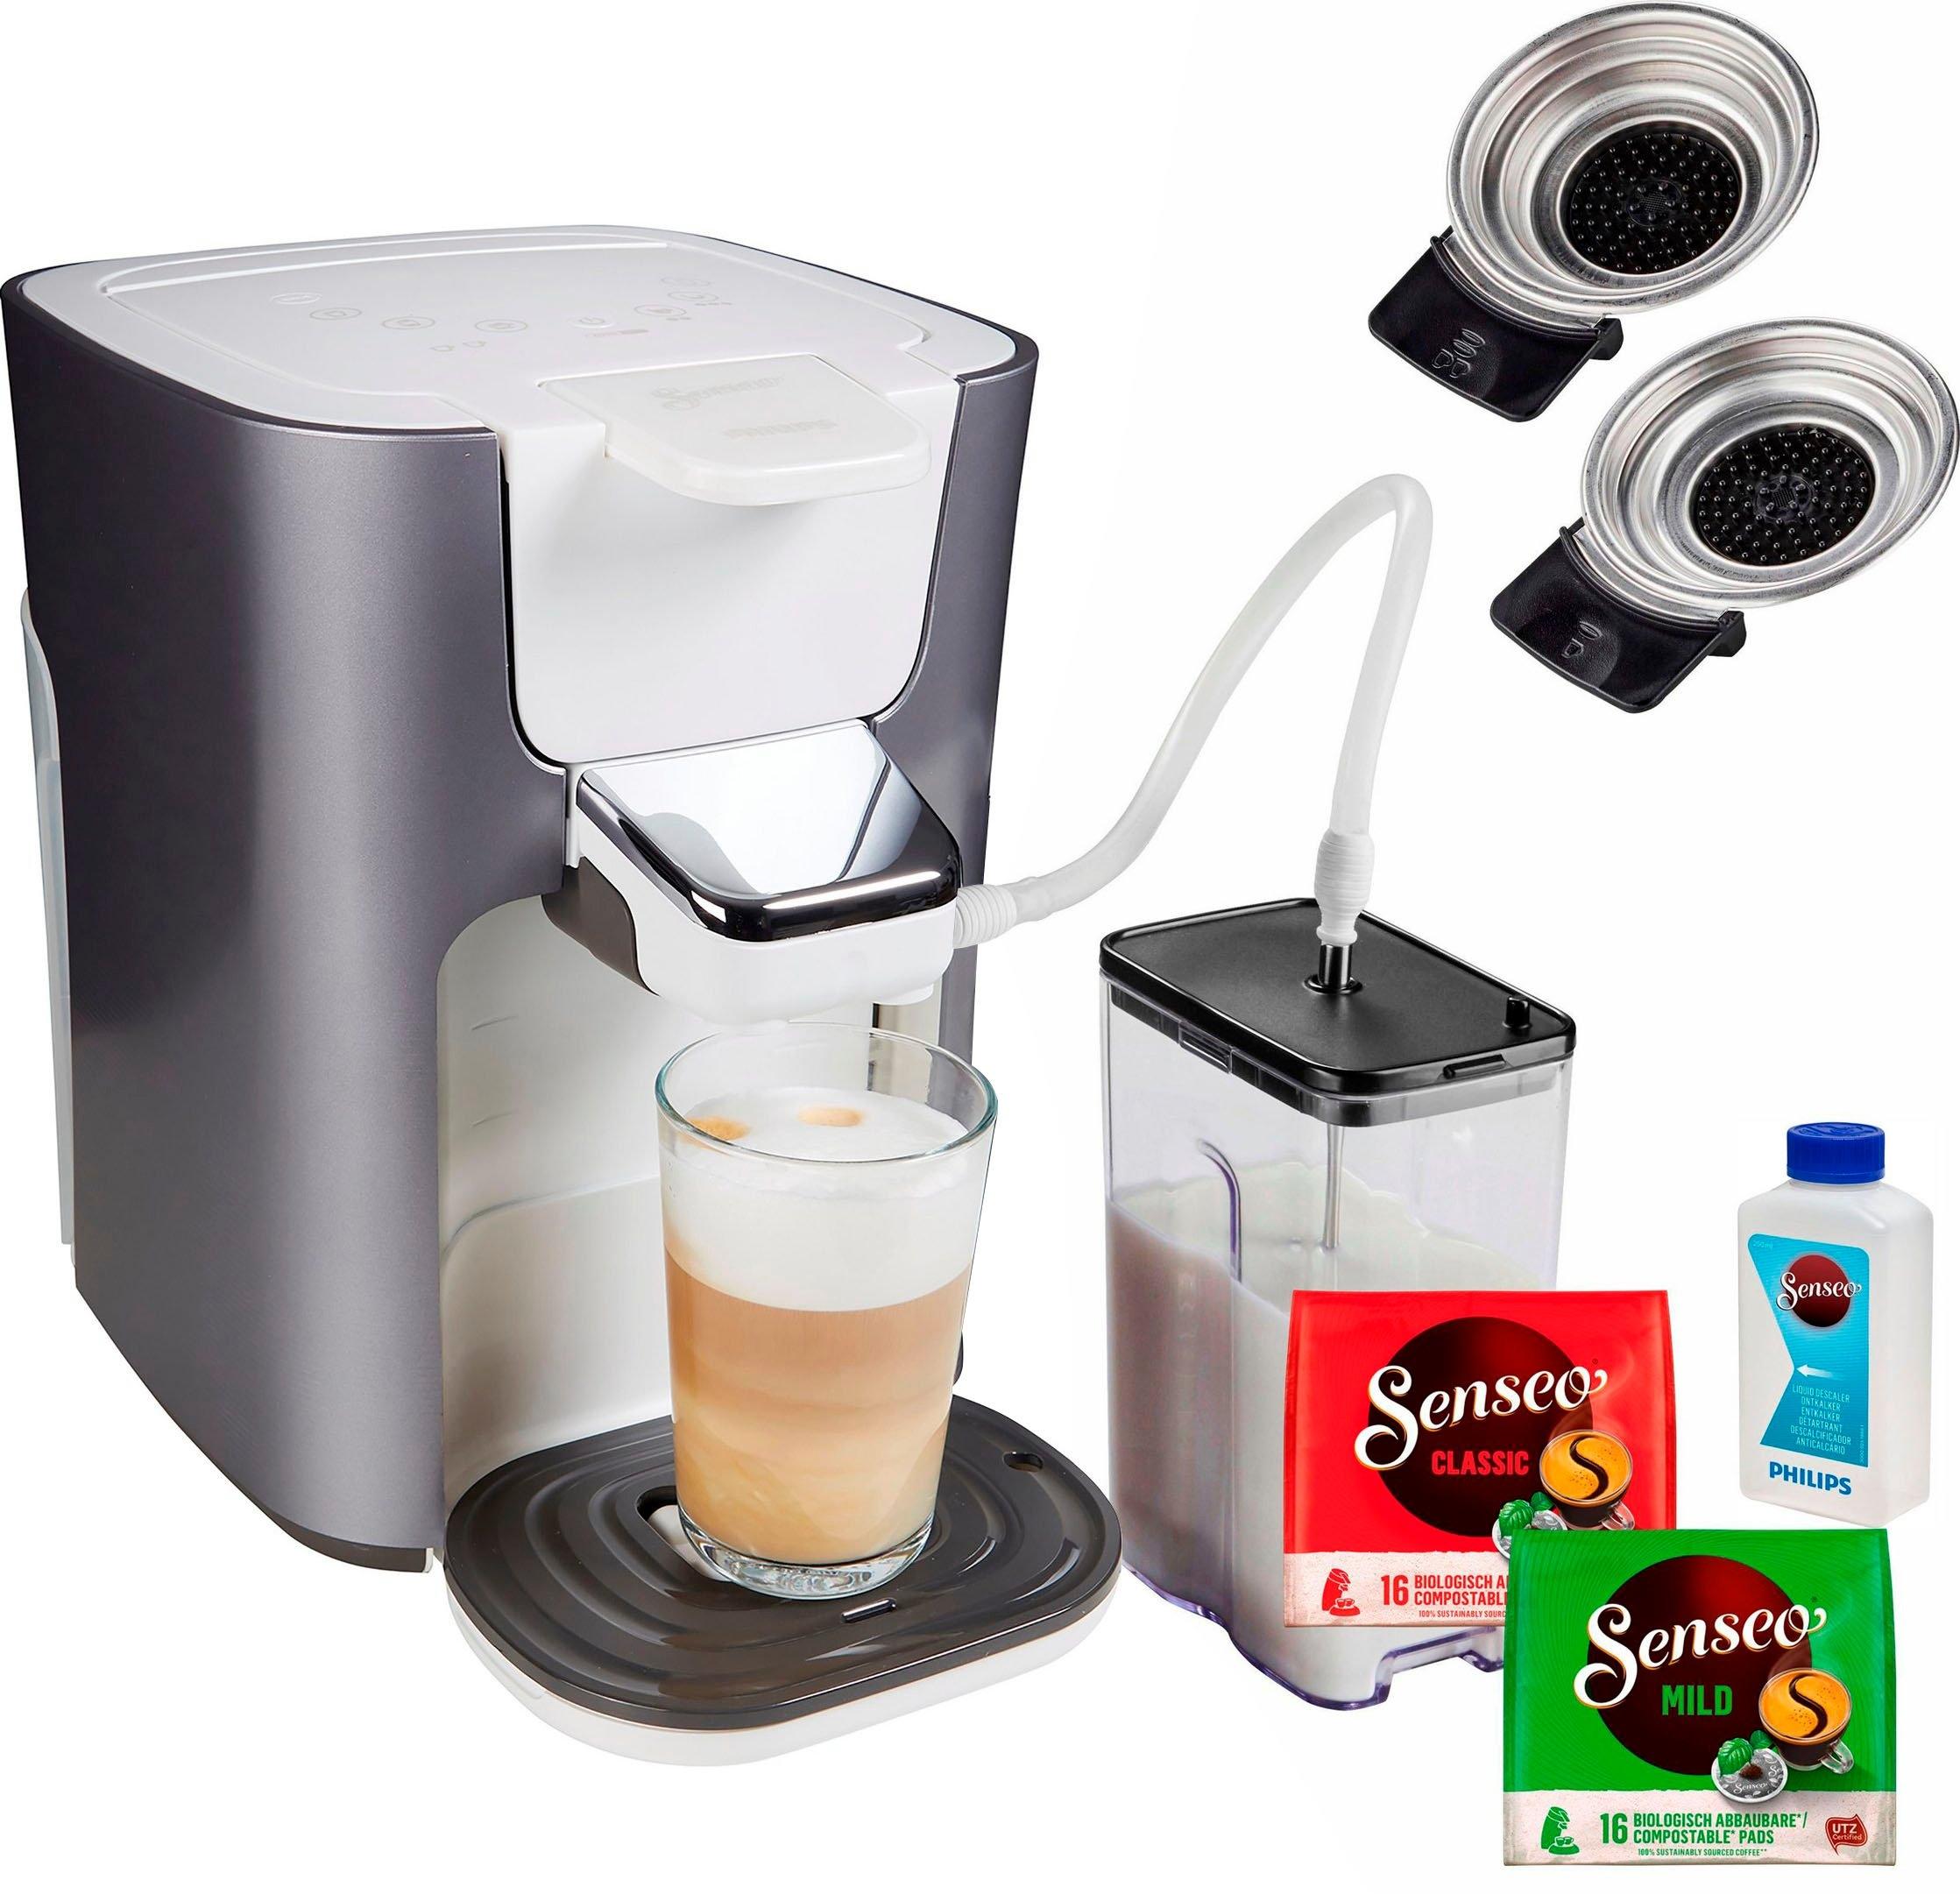 Senseo »HD6574/20 Latte Duo« koffiepadautomaat online kopen op otto.nl